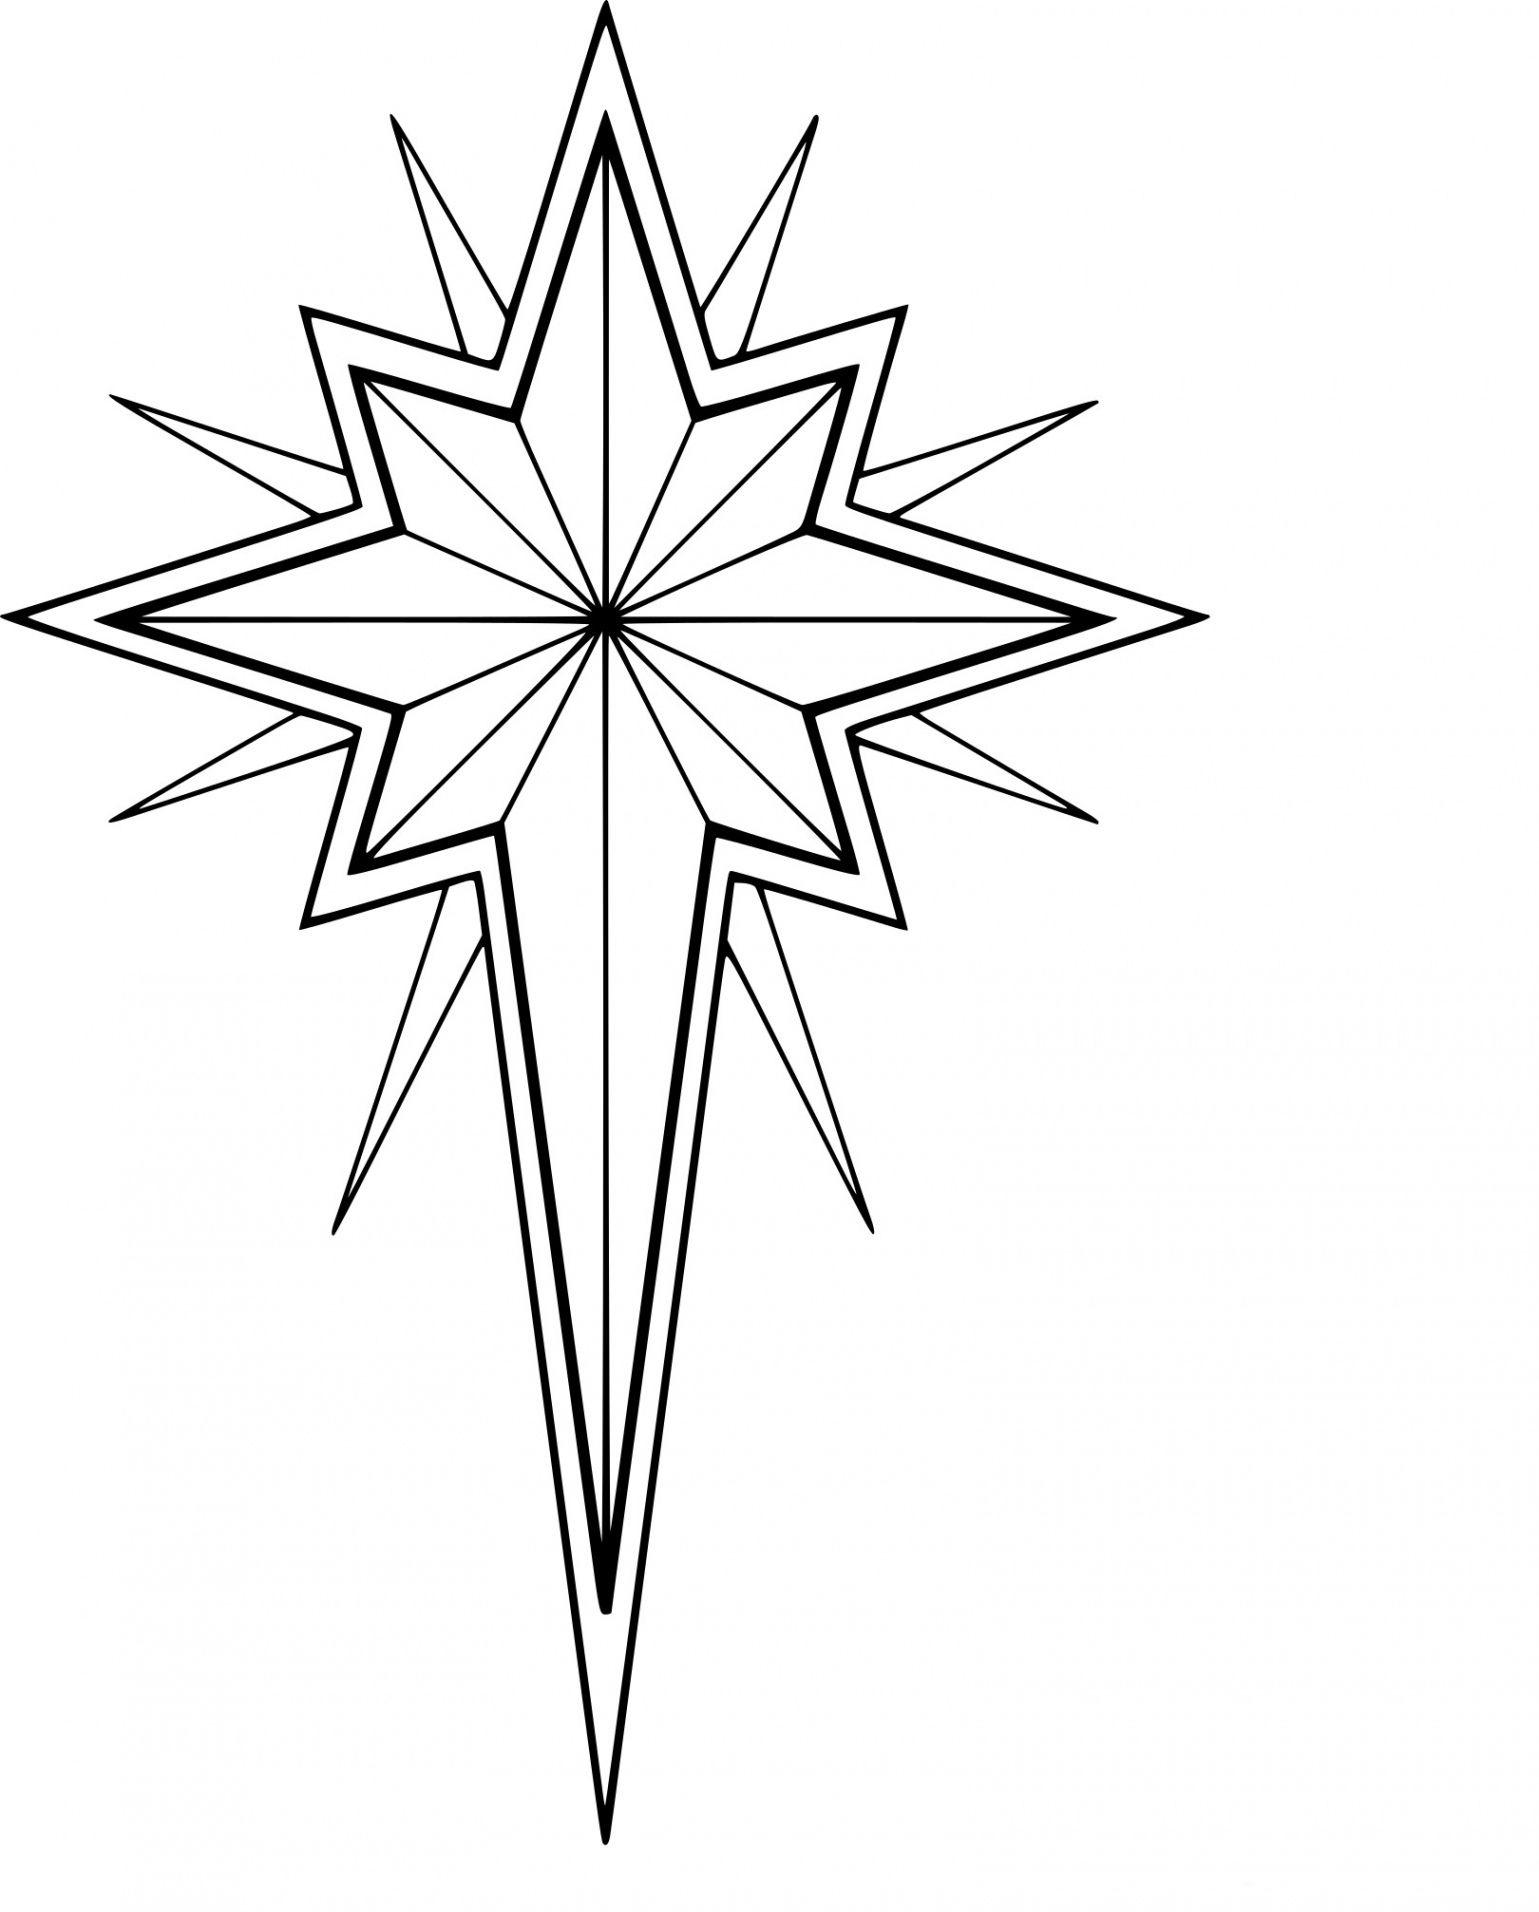 Etoile Dessin Noel   Etoile De Noel, Etoile Dessin destiné Decoupage Etoile De Noel